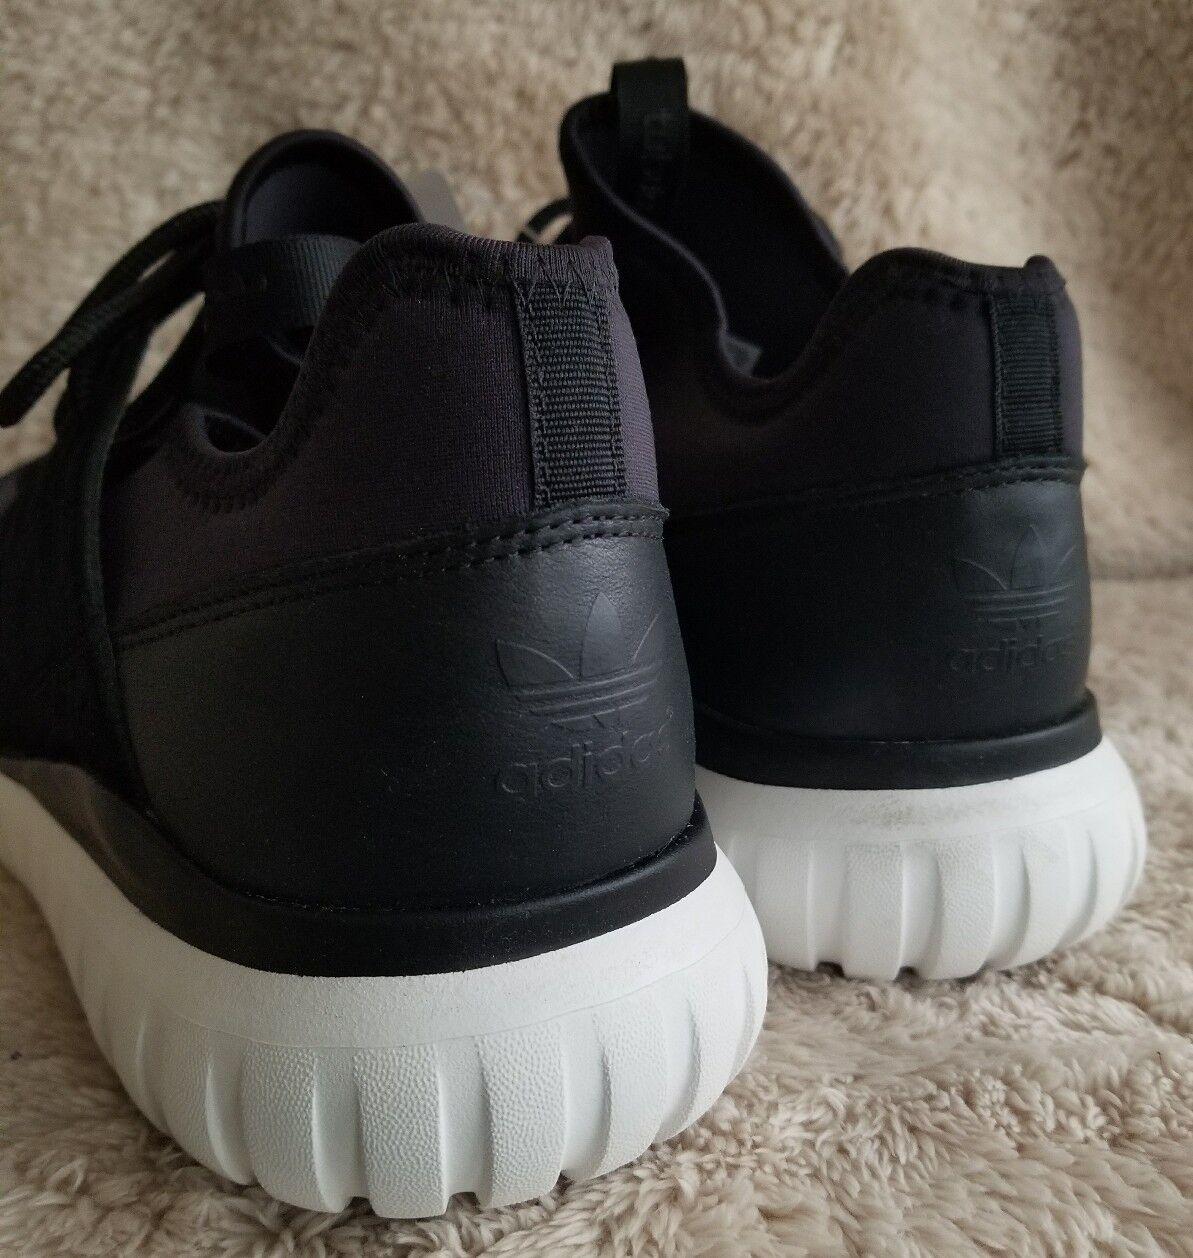 adidas hommes noyau noir radiale cristal noir blanc blanc noir tubulaires de taille 12 ecf792